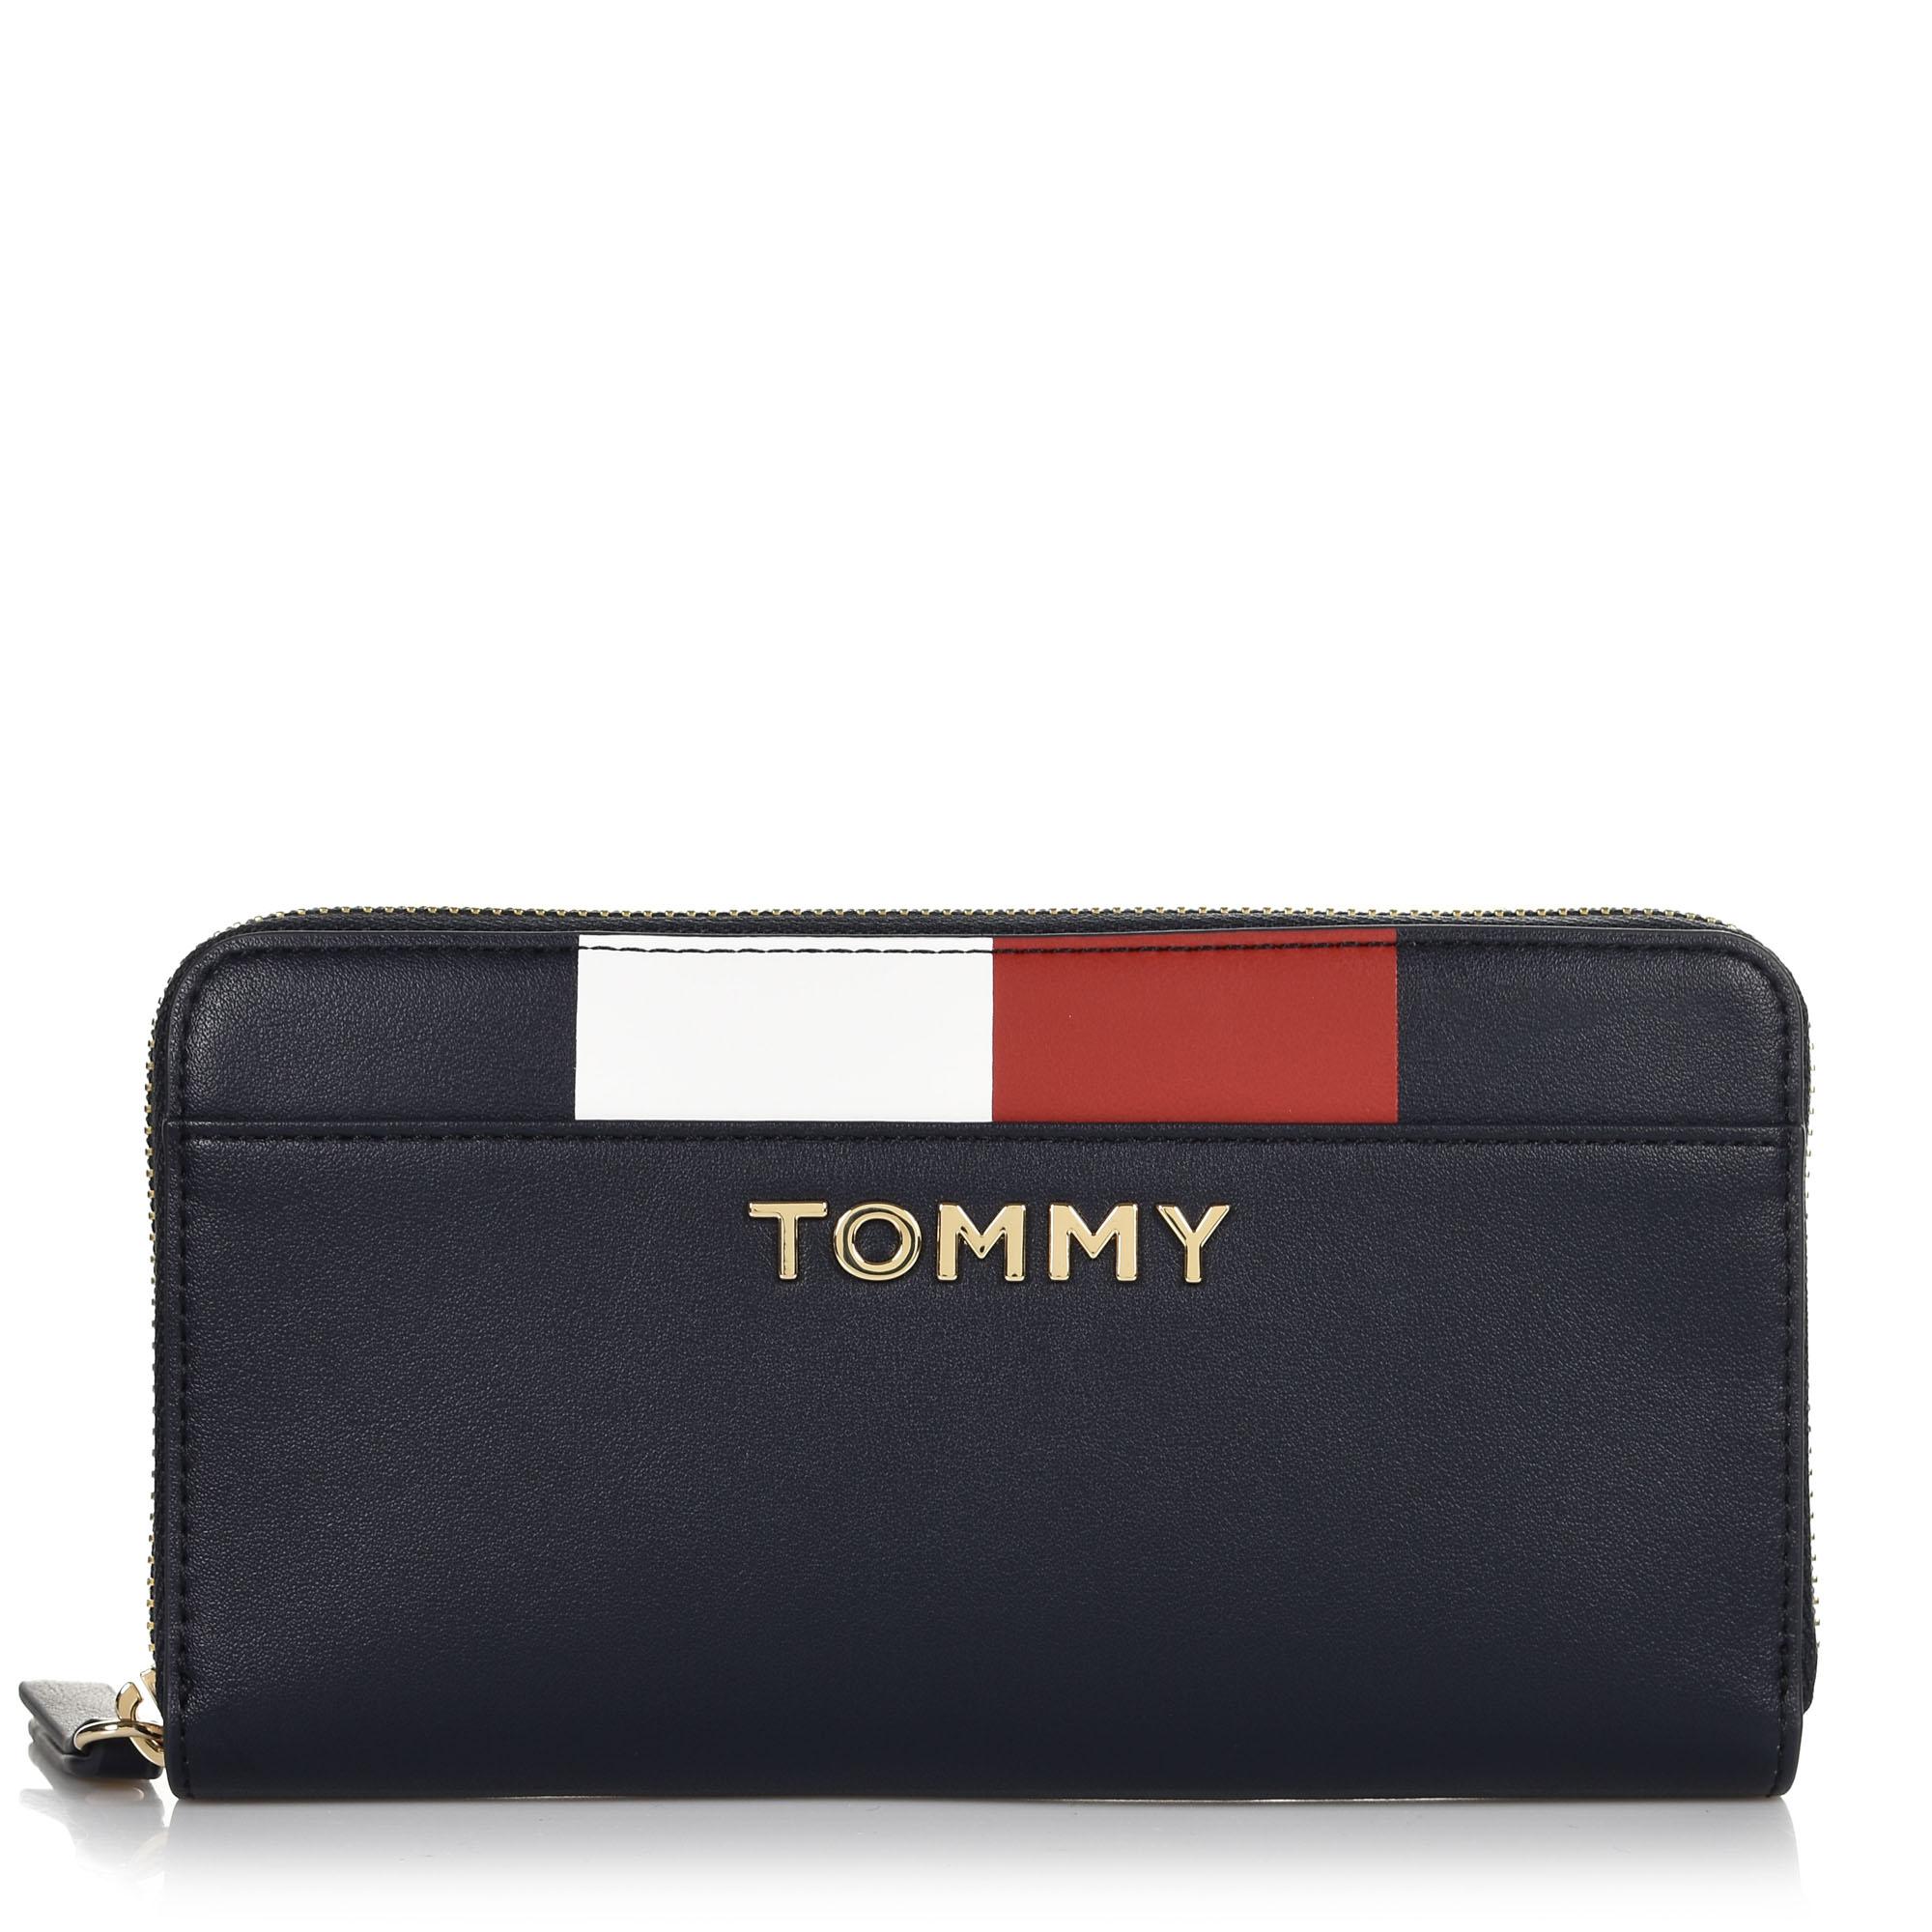 ec4e6b2a4d Brand Bags Πορτοφολι Κασετινά Tommy Hilfiger Th Corporate LRG Za AW0AW06843